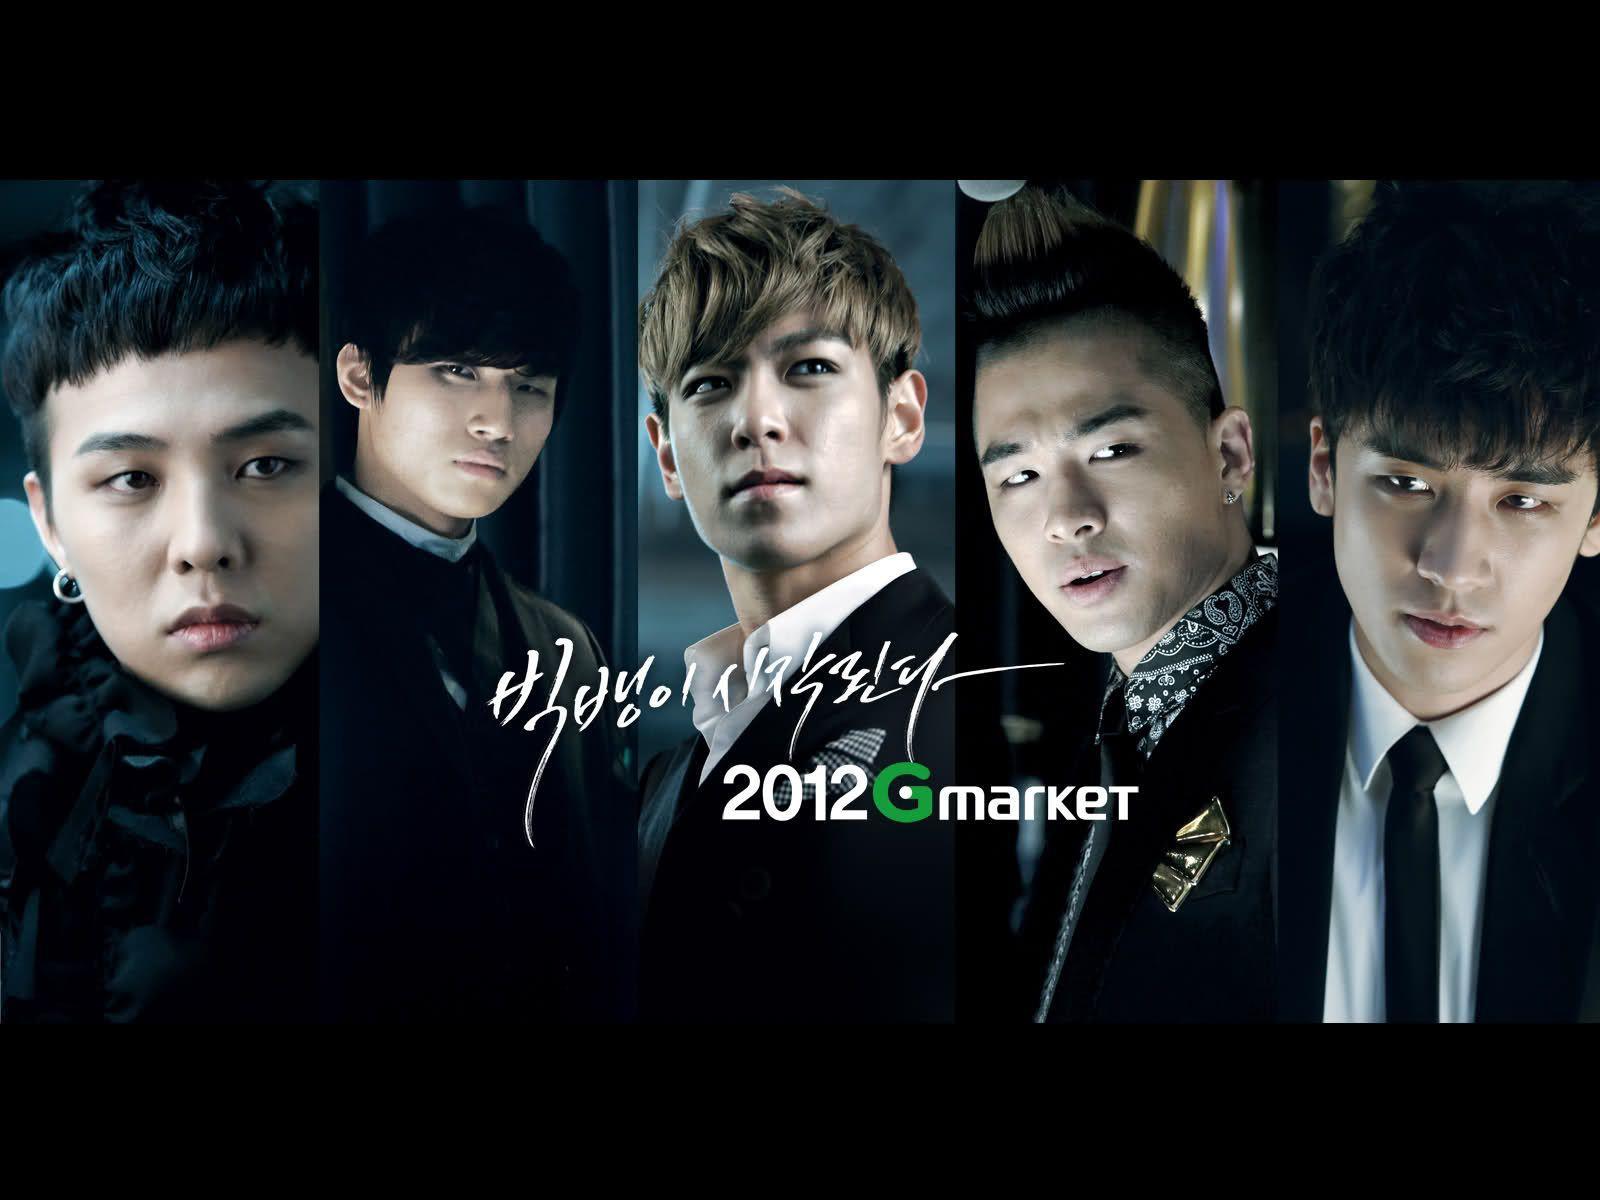 big bang kpop wallpaper 2013 - photo #20